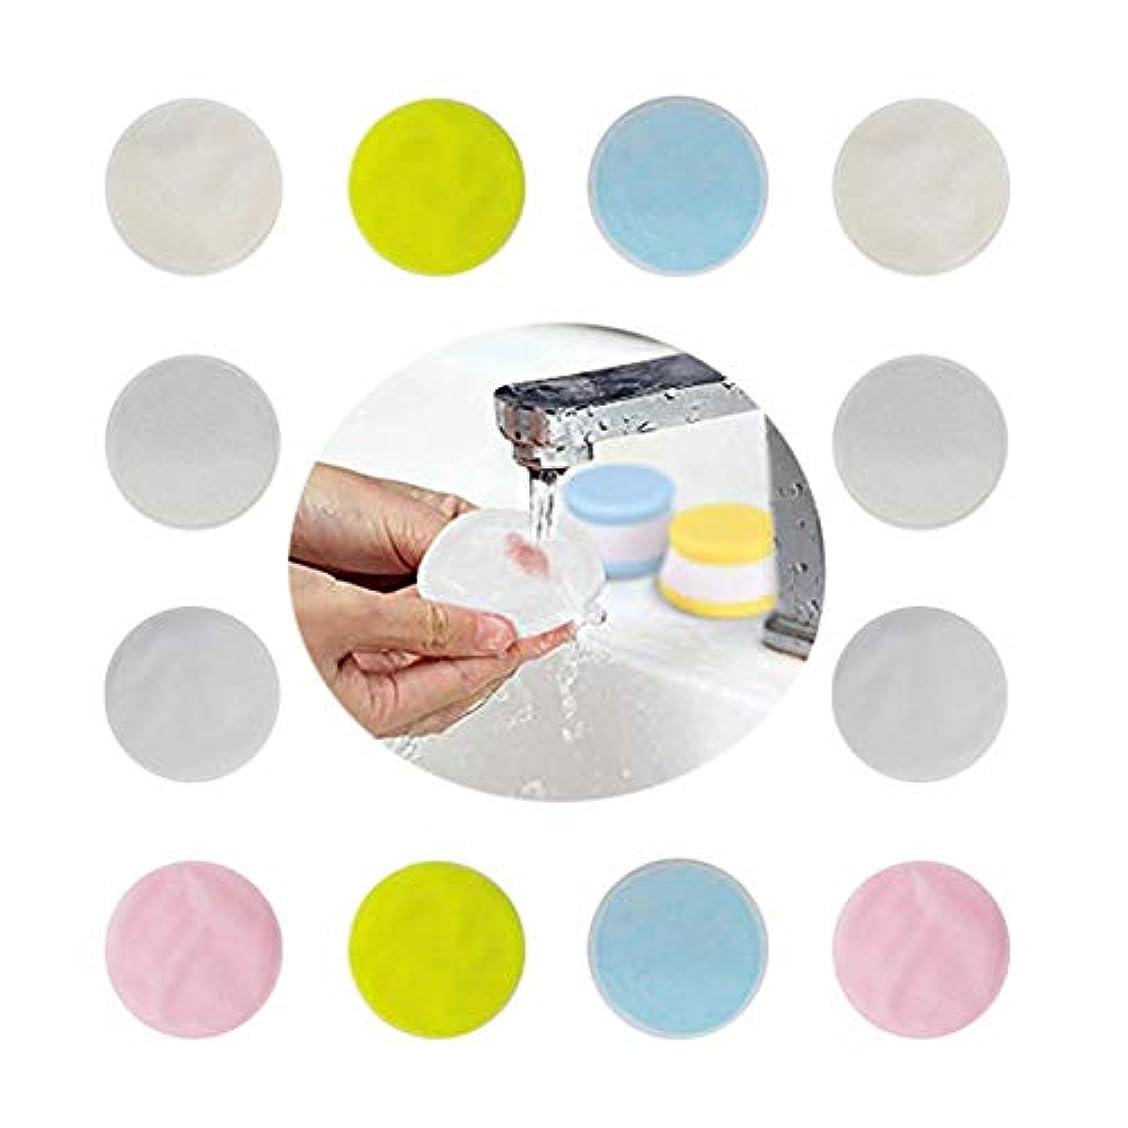 ピーブ添加剤葉10 / bag 8cm二重層竹繊維ベルベット化粧落とし洗えると再利用可能な洗顔美容と美??容ケアツール